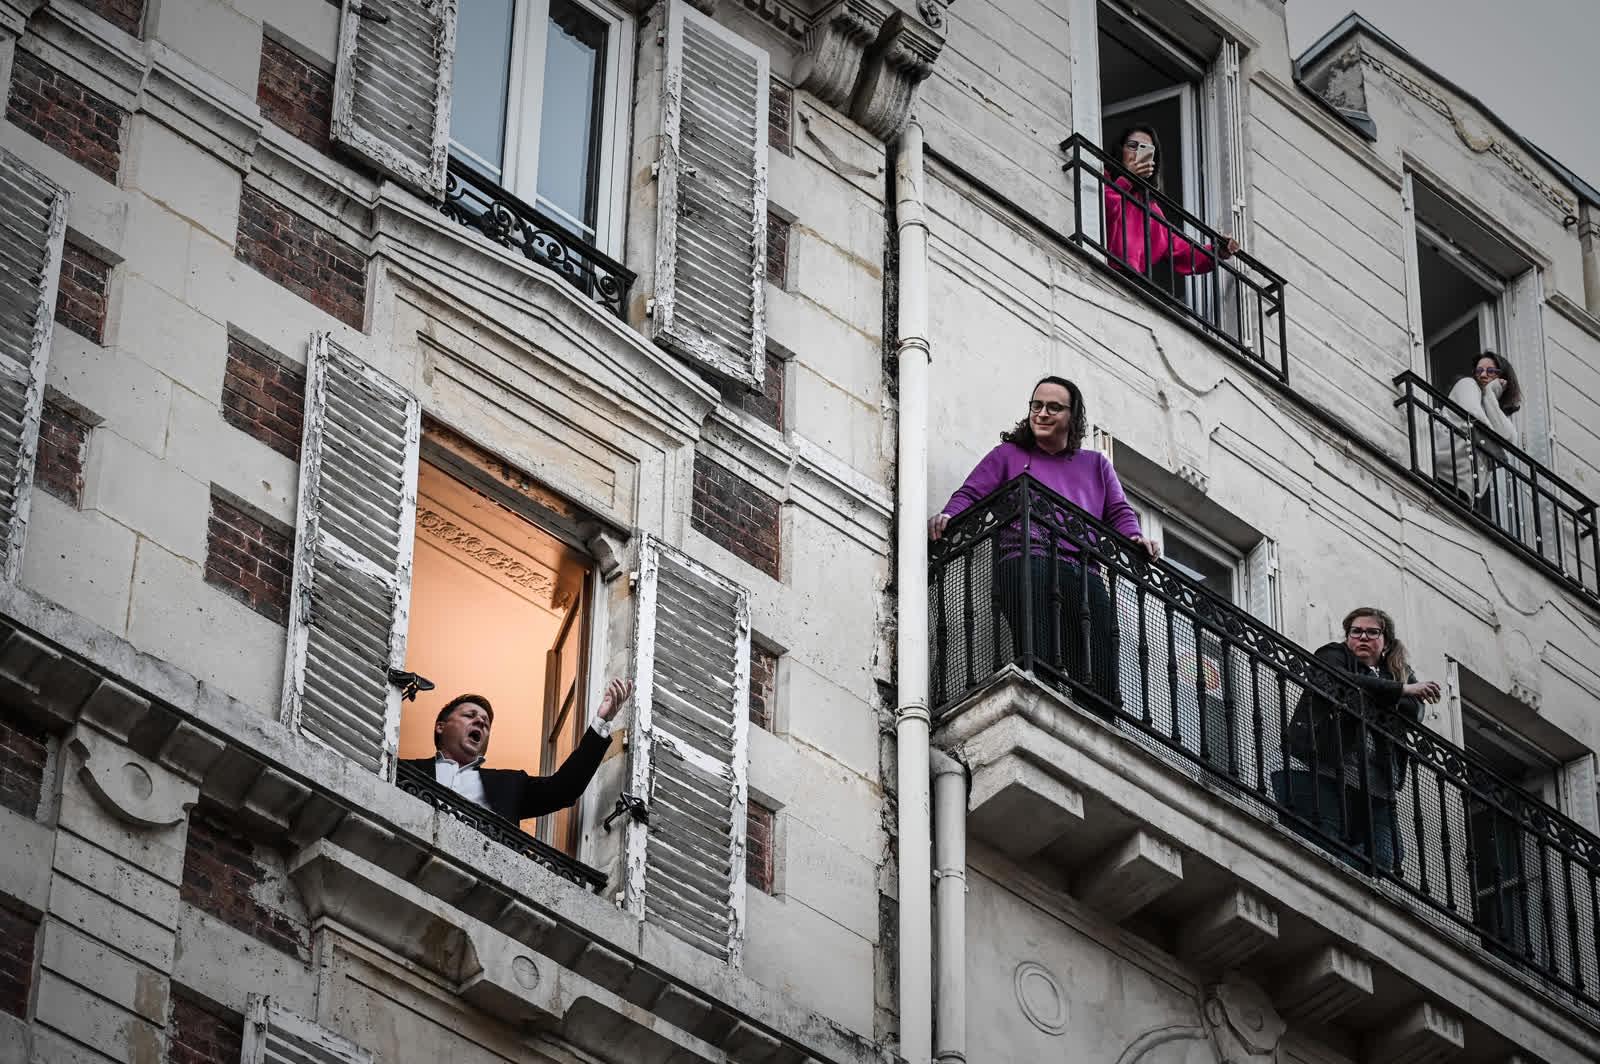 3 дугаар сарын 26. Дуурийн дуучин Стефан Сенечал Парист байрныхаа цонхоор хөршүүддээ зориулж дуулж байна. Энэ бол Францад хатуу хөл хорионд байгаа 10 дахь өдөр байв. /Photo by Philippe Lopez/